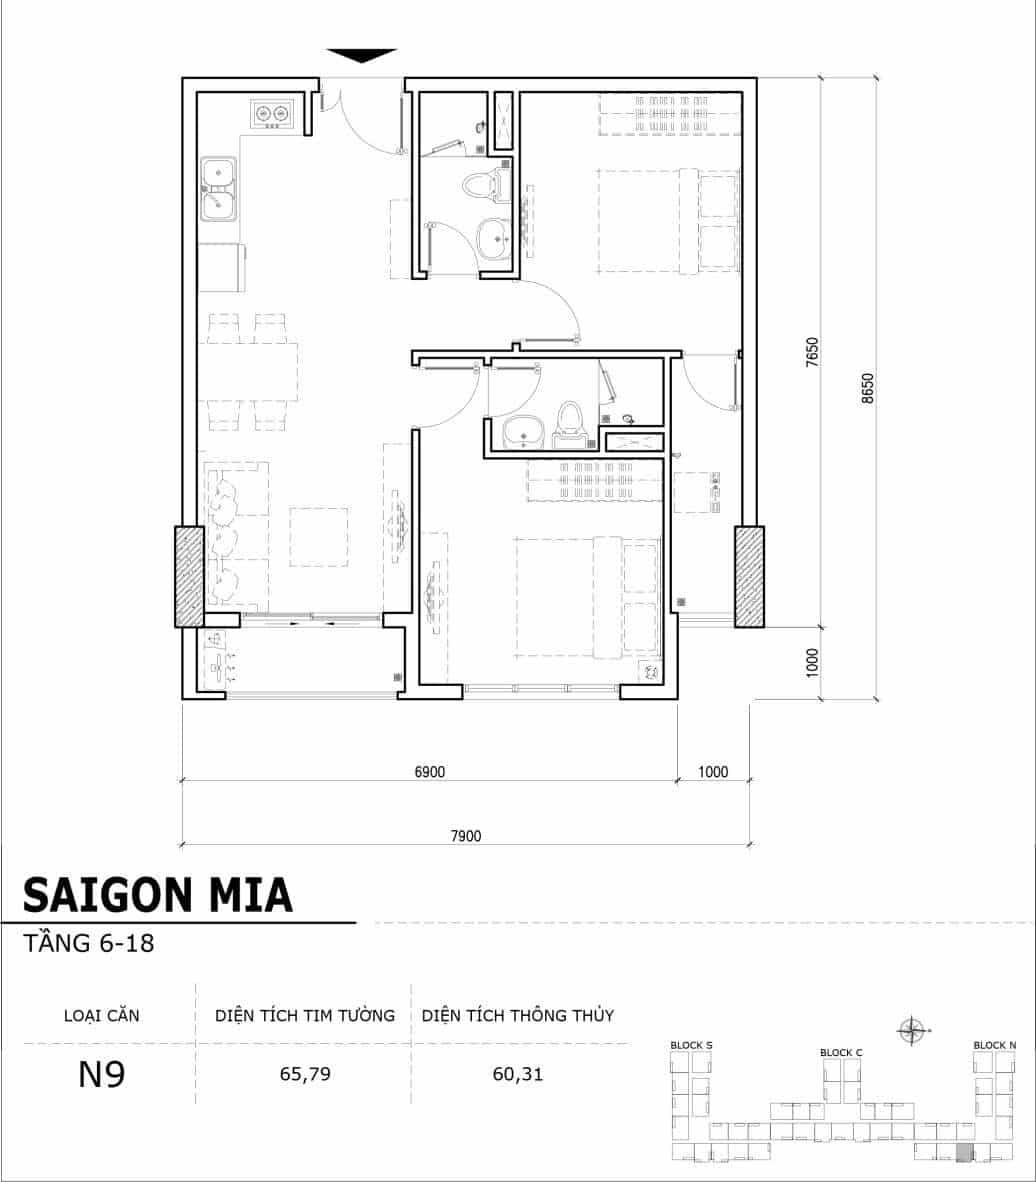 Chi tiết thiết kế căn hộ điển hình tầng 6-18 dự án Sài Gòn Mia - Căn N9